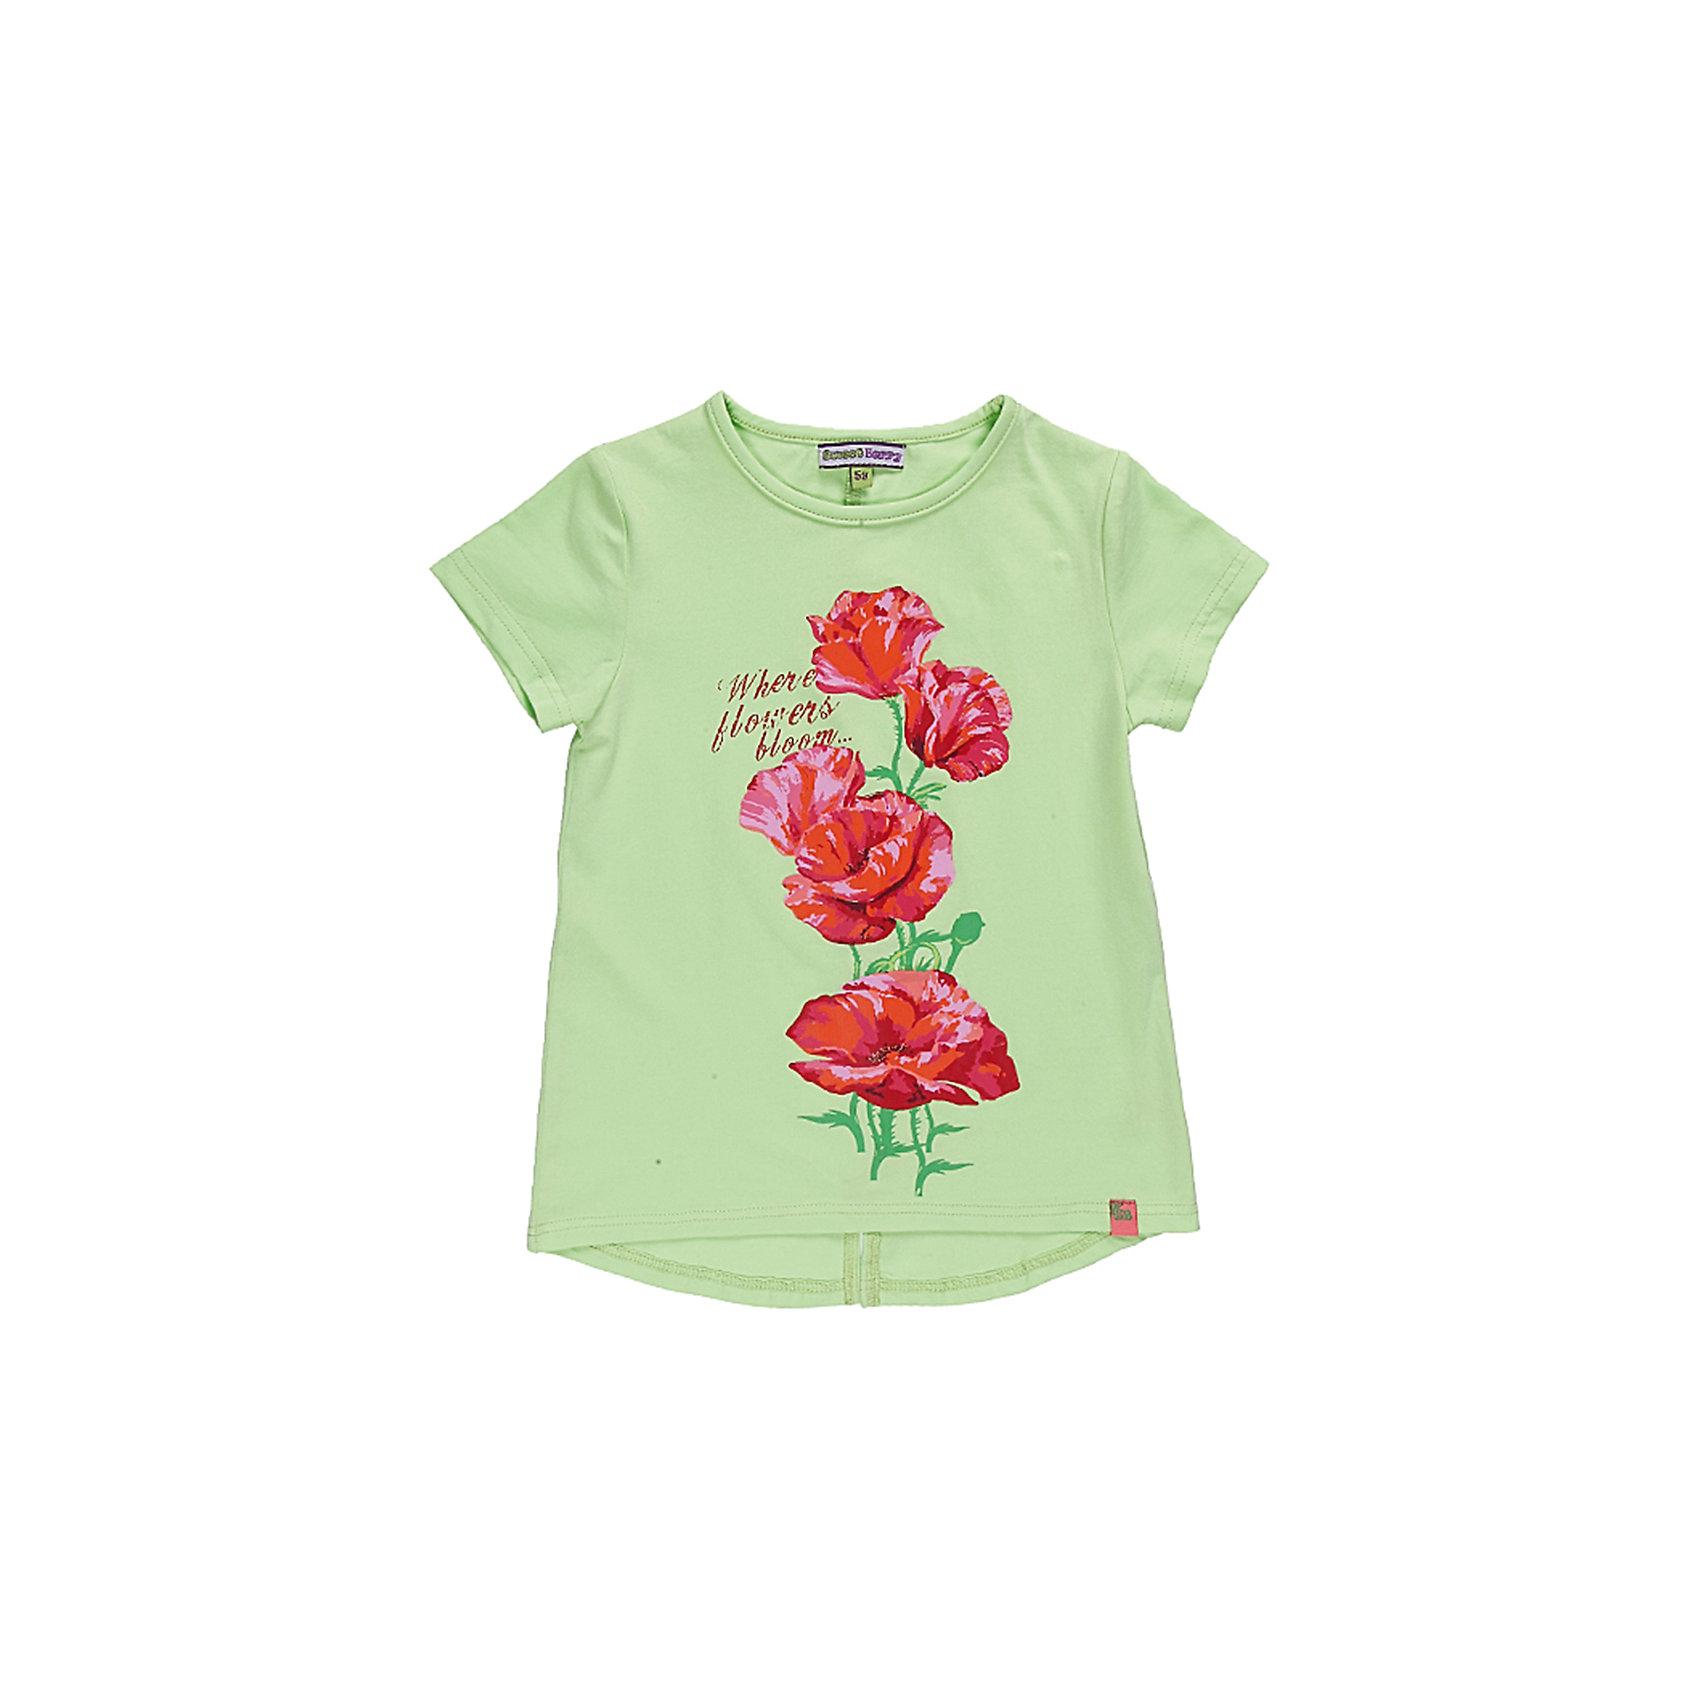 Футболка для девочки Sweet BerryУдлиненная футболка из эластичного трикотажа.Декорирована ярким принтом с глитером.<br>Состав:<br>95% хлопок, 5% эластан<br><br>Ширина мм: 199<br>Глубина мм: 10<br>Высота мм: 161<br>Вес г: 151<br>Цвет: зеленый<br>Возраст от месяцев: 24<br>Возраст до месяцев: 36<br>Пол: Женский<br>Возраст: Детский<br>Размер: 98,128,104,122,116,110<br>SKU: 4521381